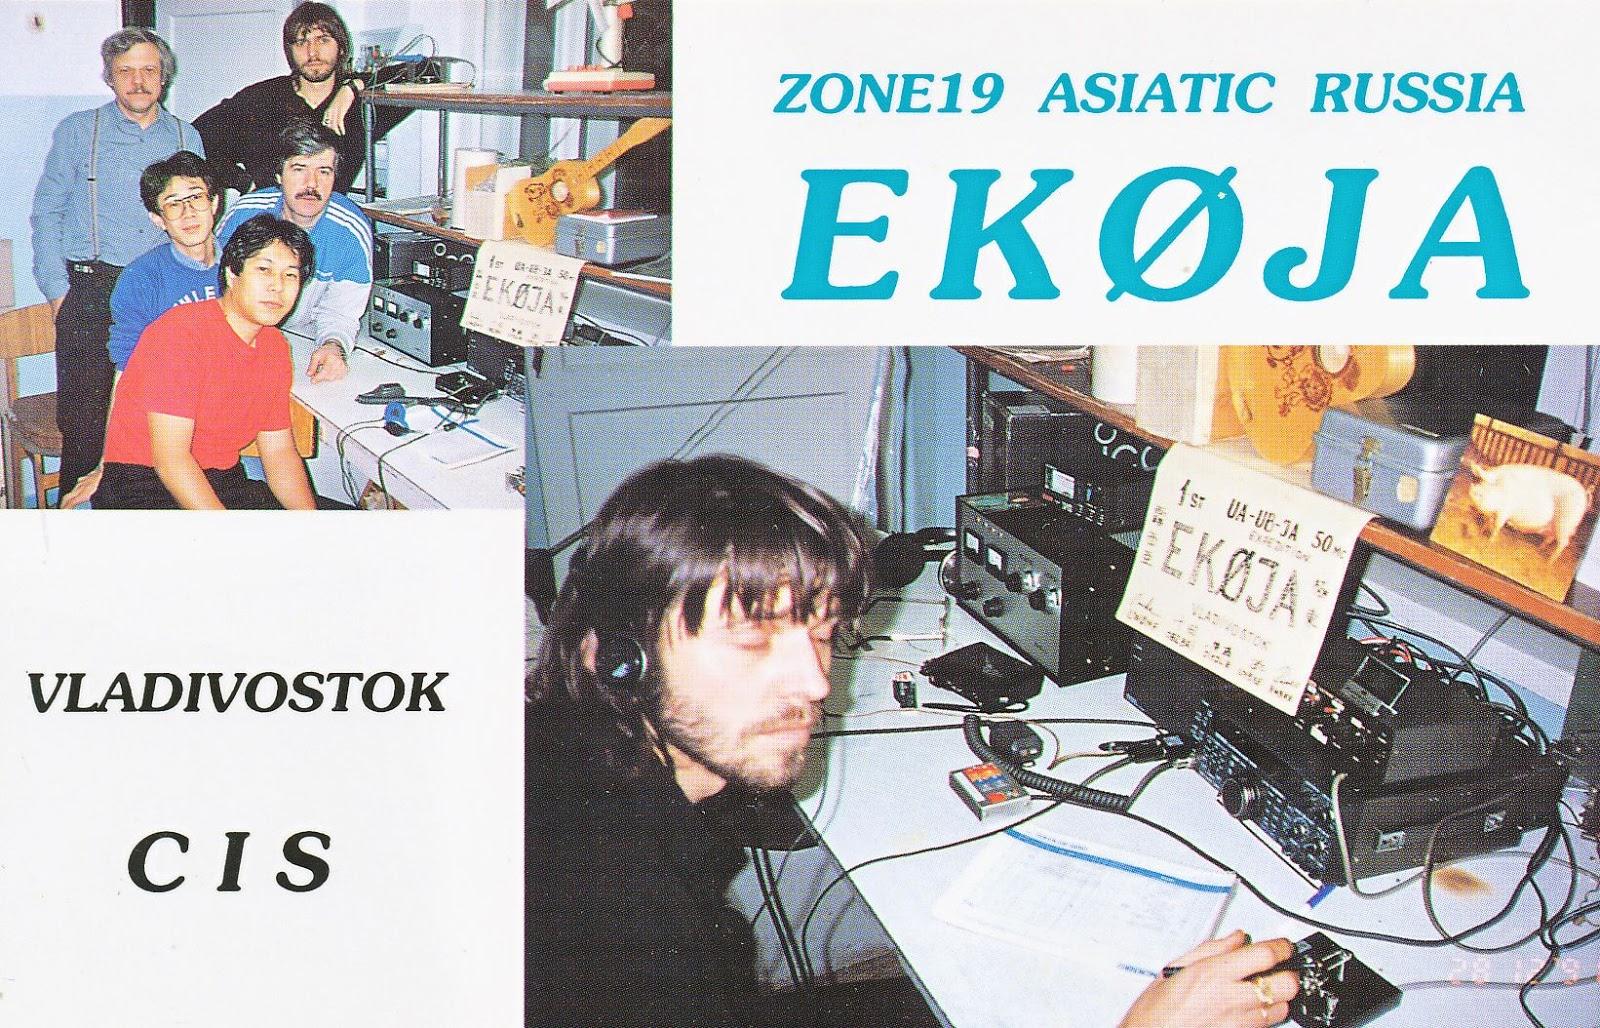 http://www.3w3rr.ru/2012/09/EK0JA.html